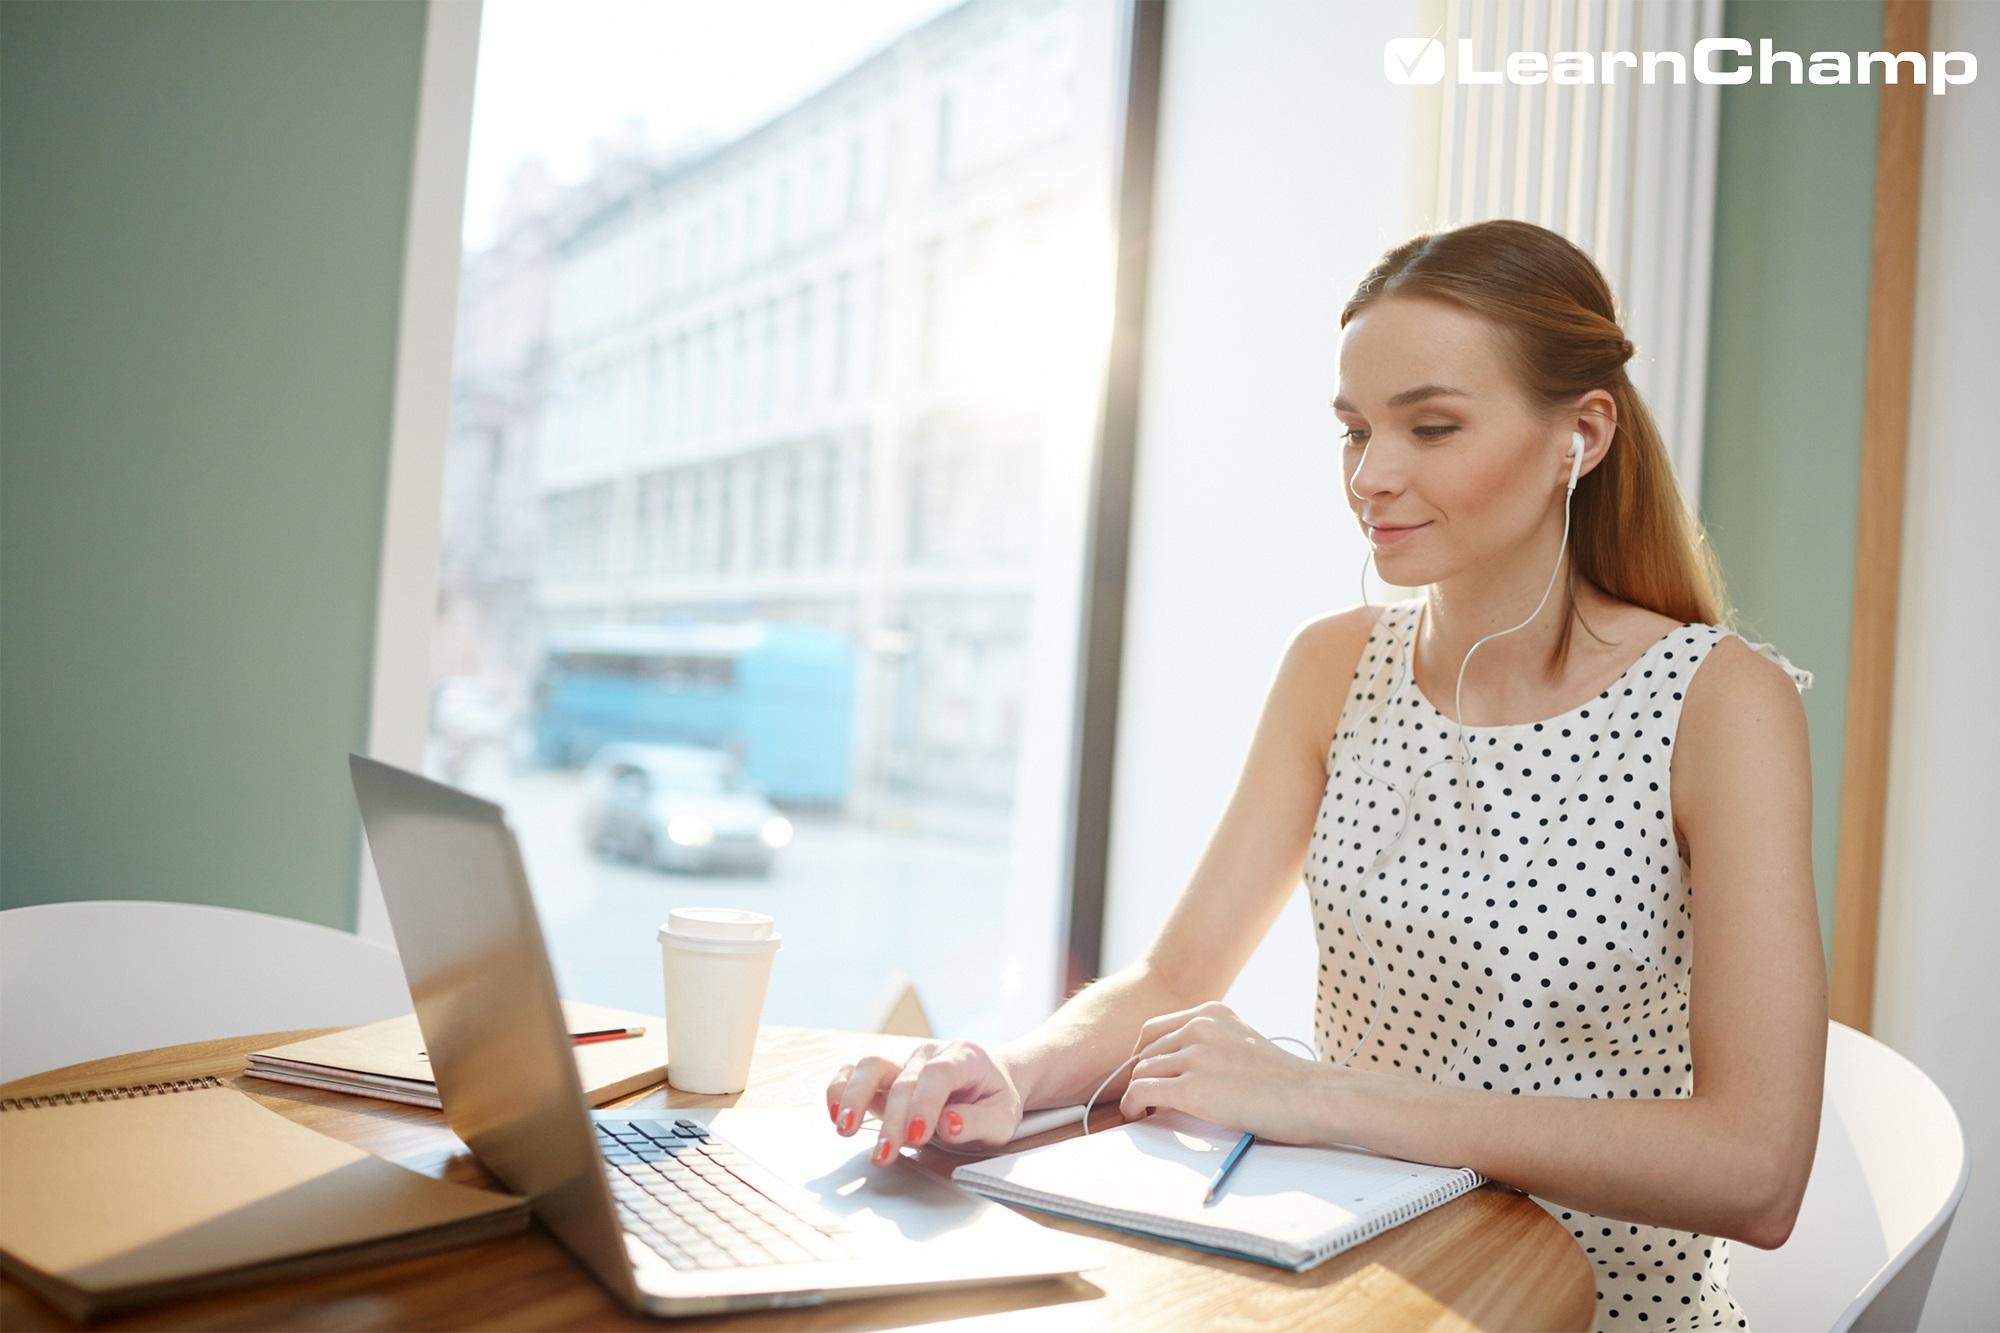 224_Business_Learnchamp_Imagefotos-2-Wiederhergestellt